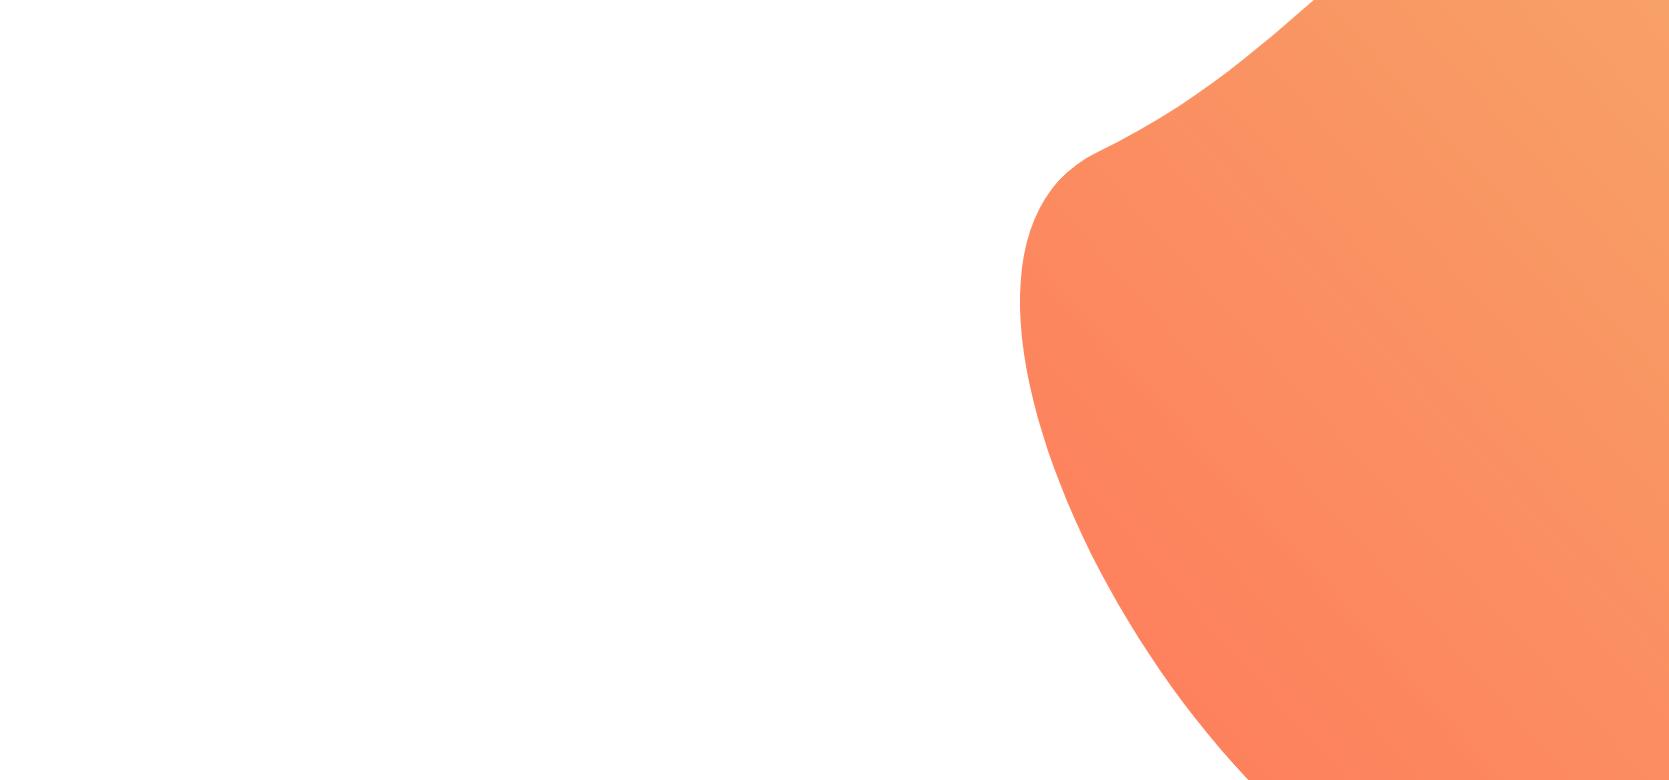 bg-orange-lp